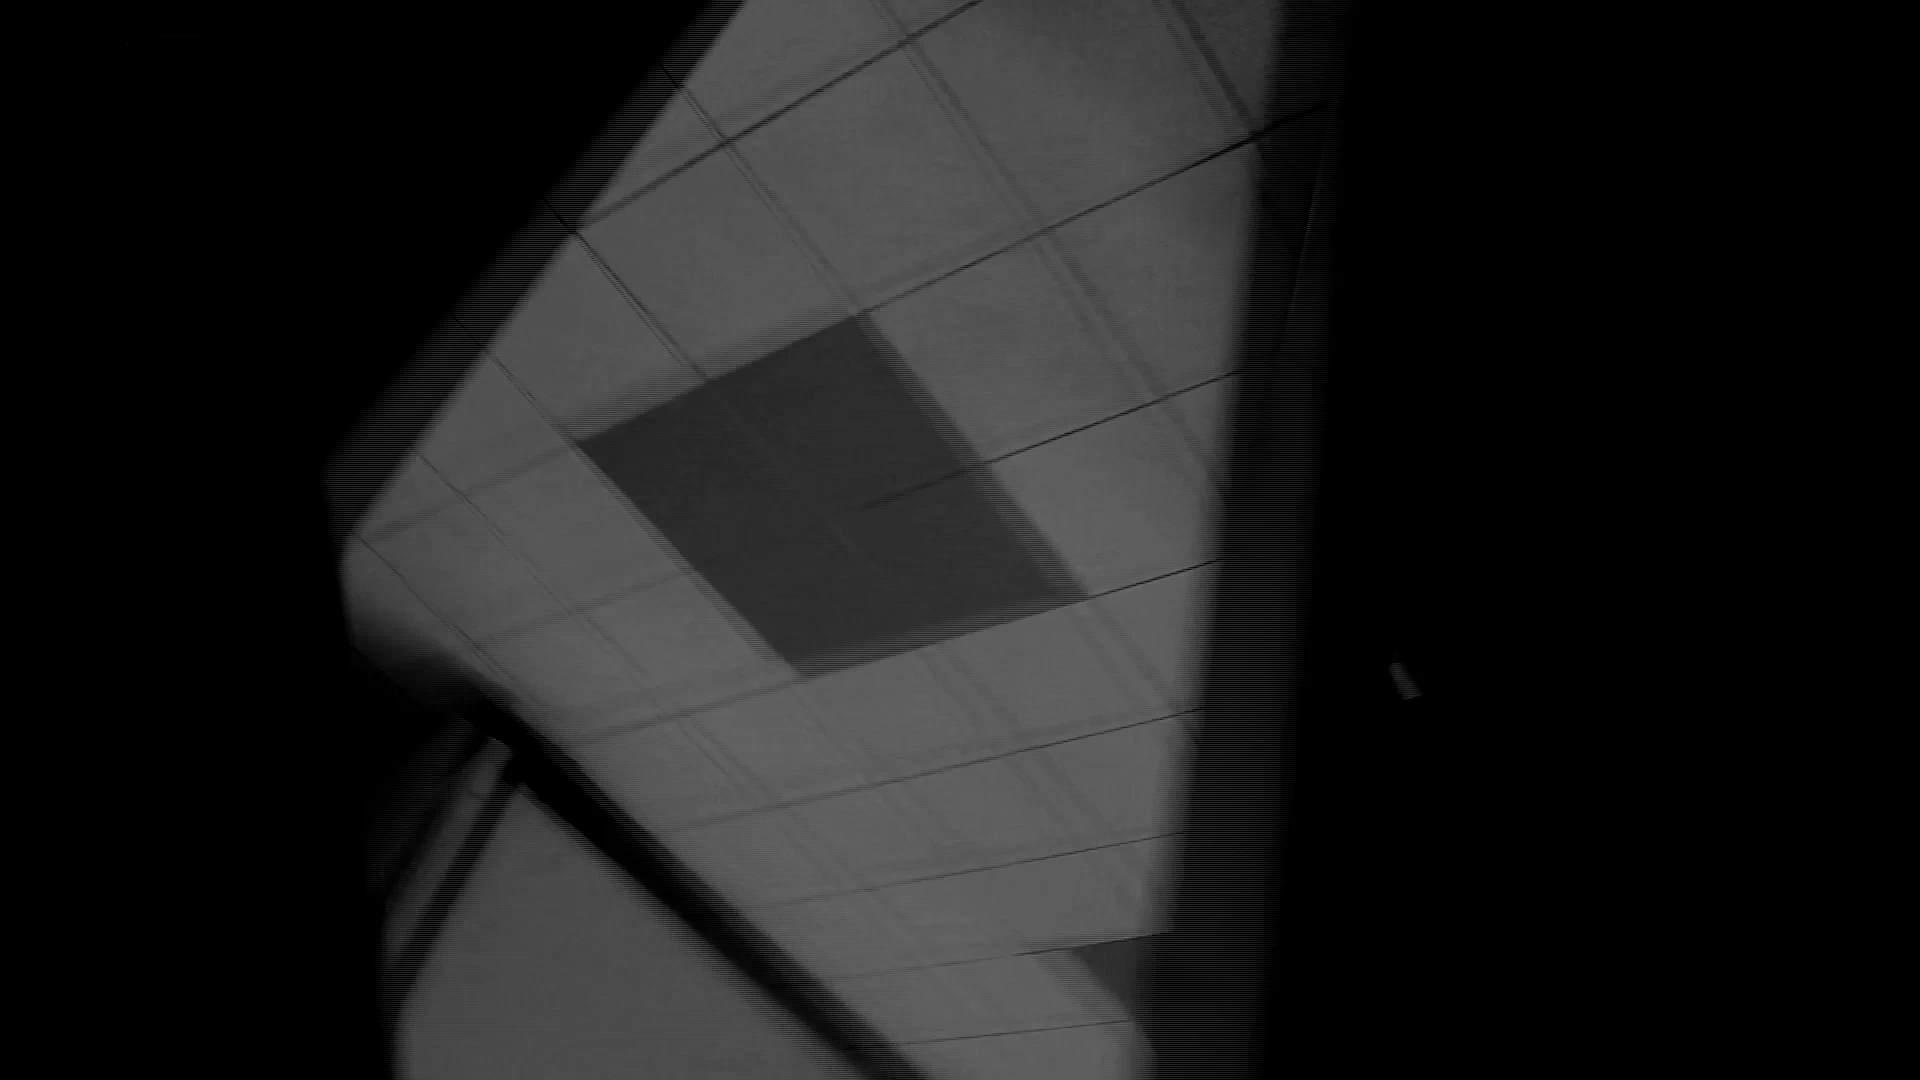 美しい日本の未来 No.29 豹柄サンダルは便秘気味??? 盗撮映像大放出  81連発 40